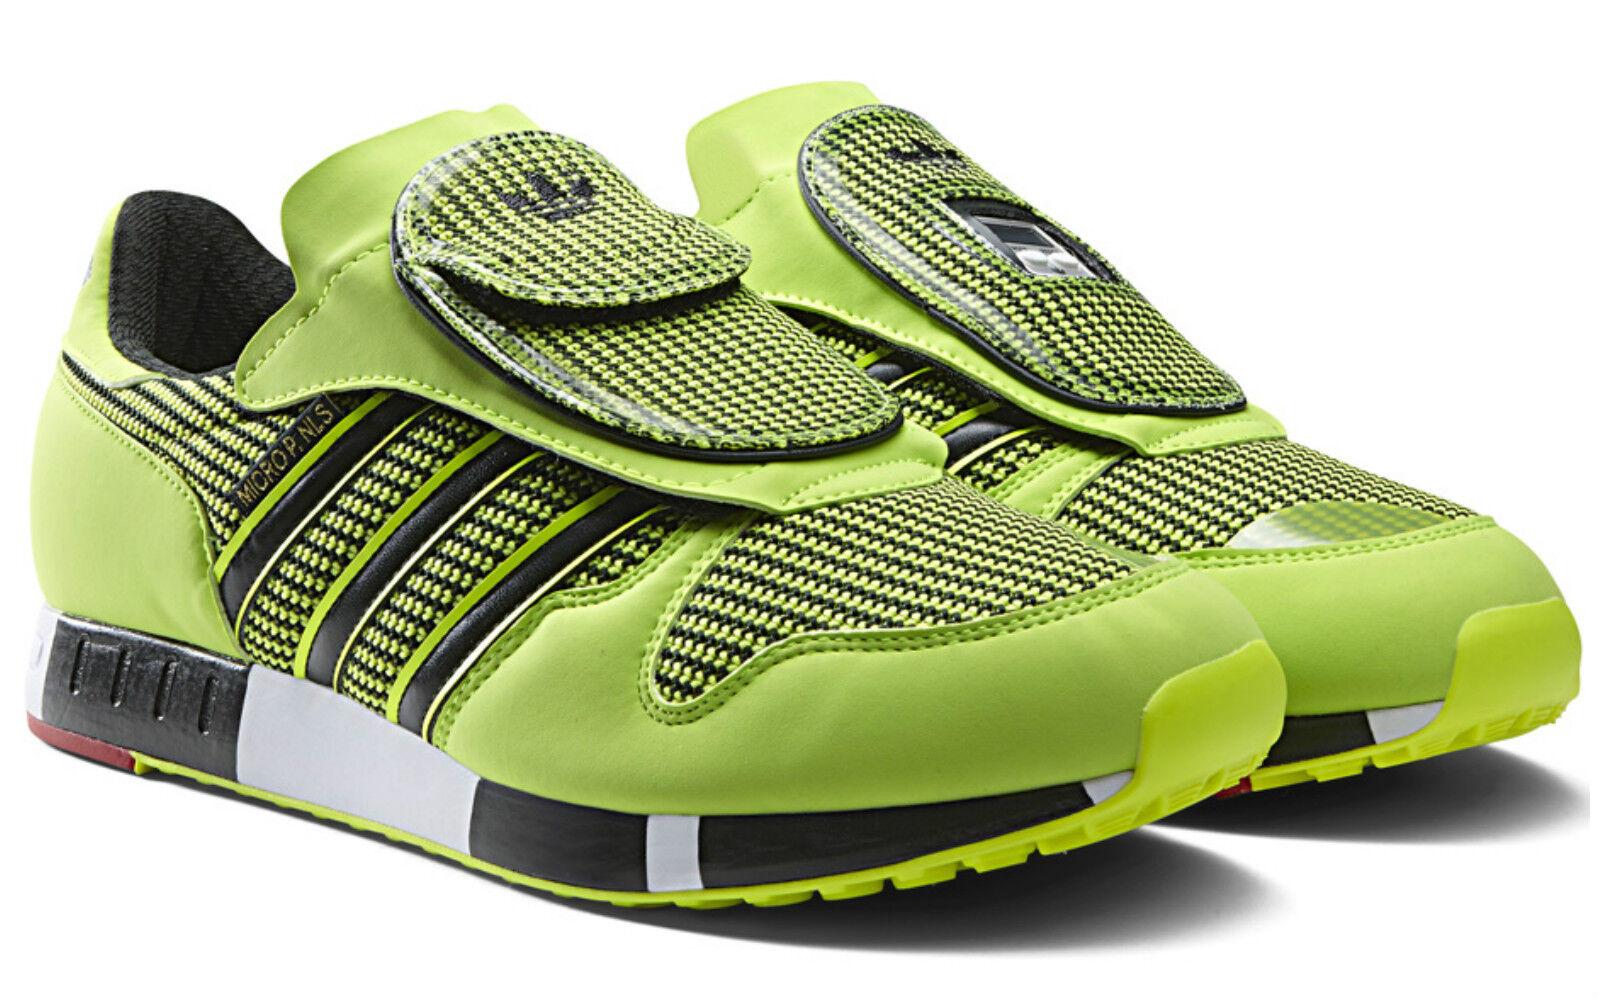 Adidas Originales MICROPACER og Zapatos  para hombre Talla EE. 12.5 UU. 13 Reino Unido 12.5 EE. solar amarillo S77305 901ffb